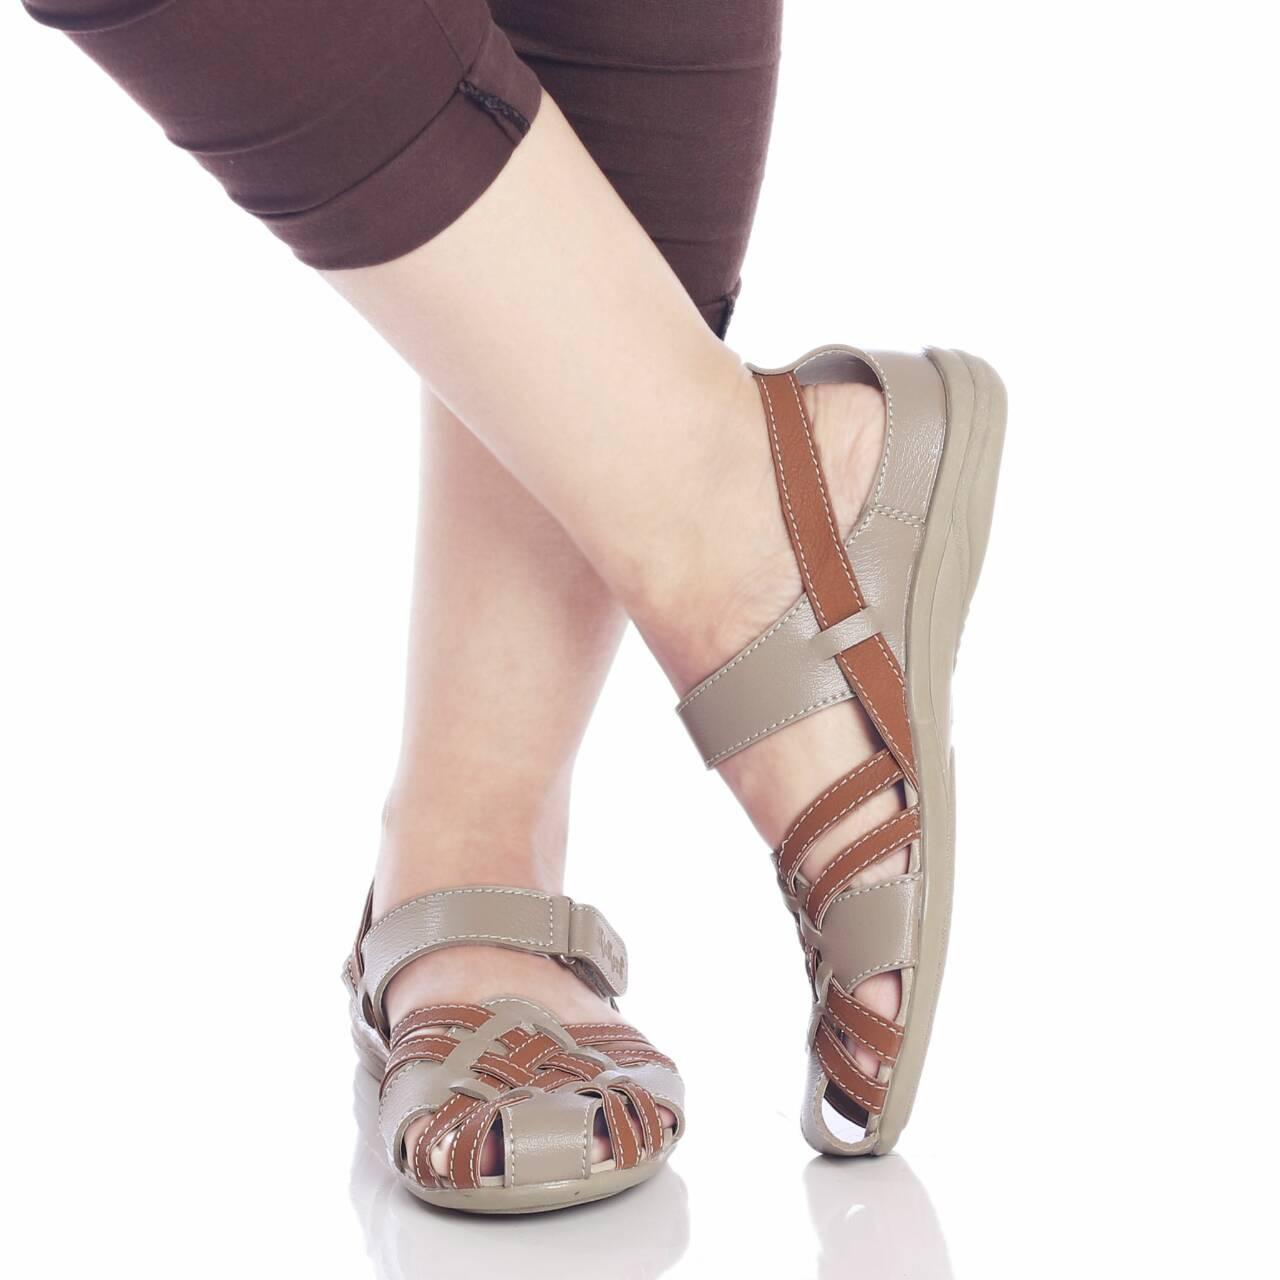 Cek Harga Baru Promo Sepatu Sandal Murah Wanita Cewek Kickers Grosir ... 4da038626b